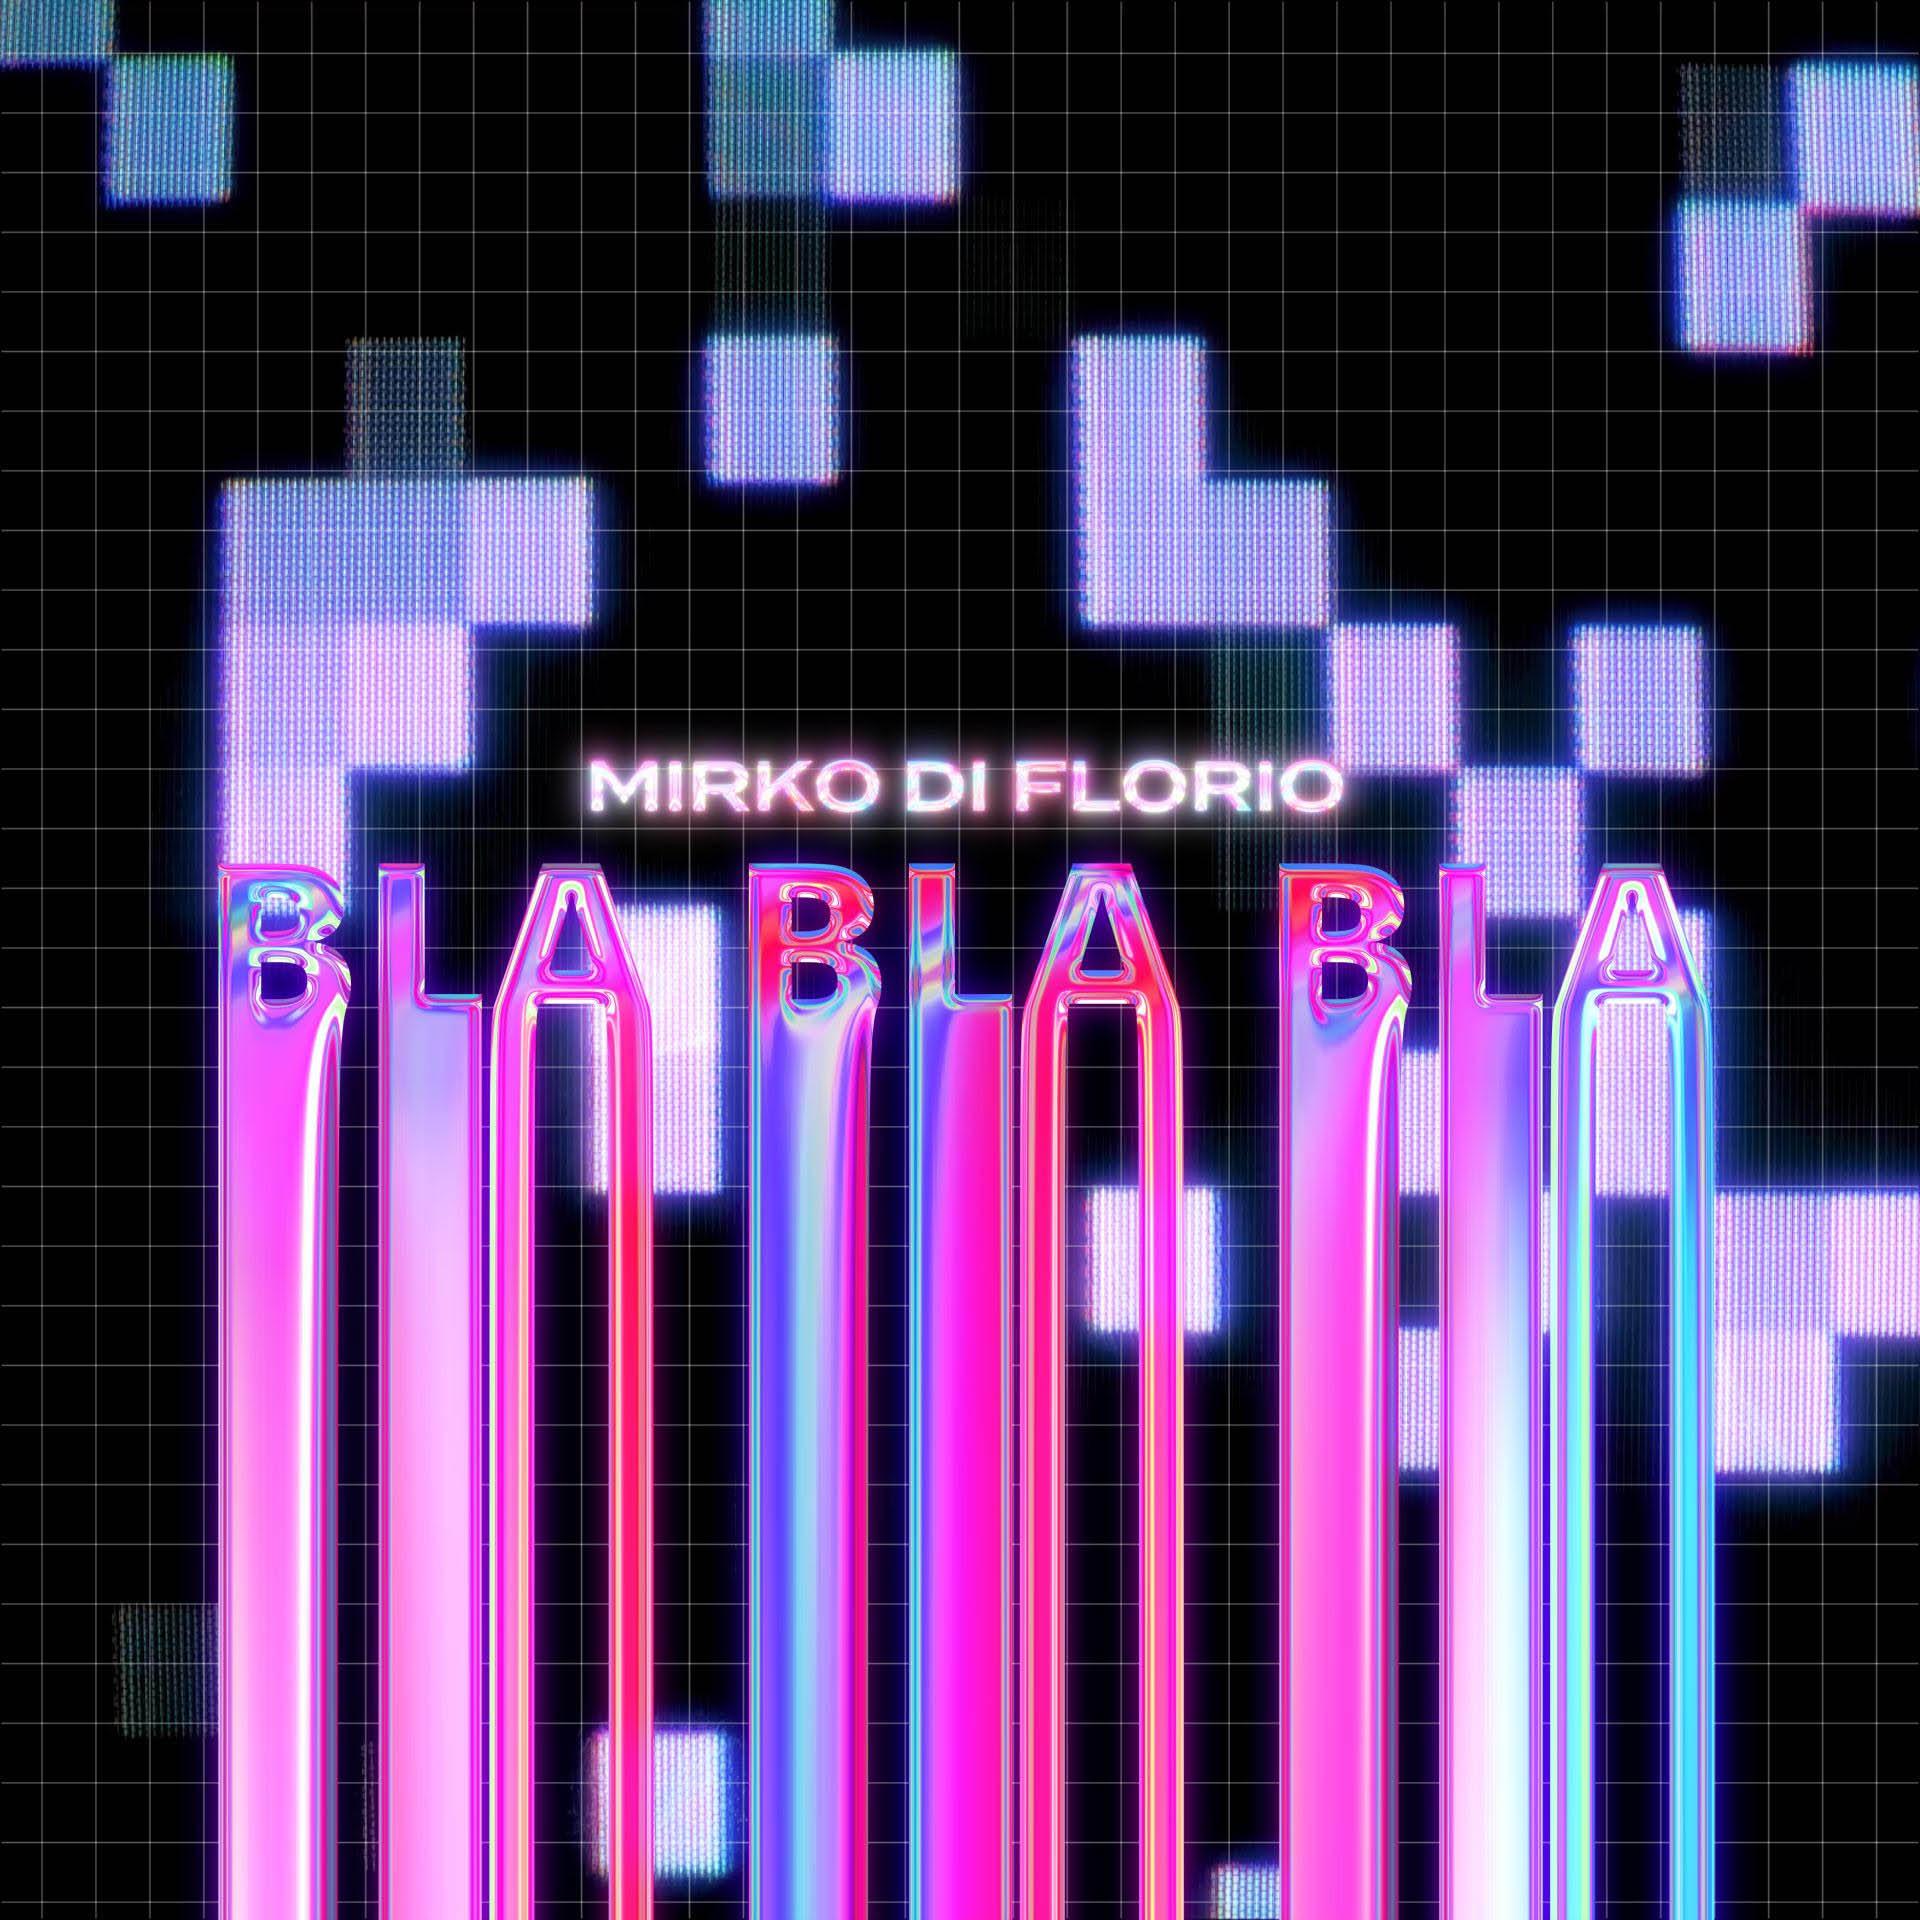 Bla Bla Bla - Mirko Di Florio